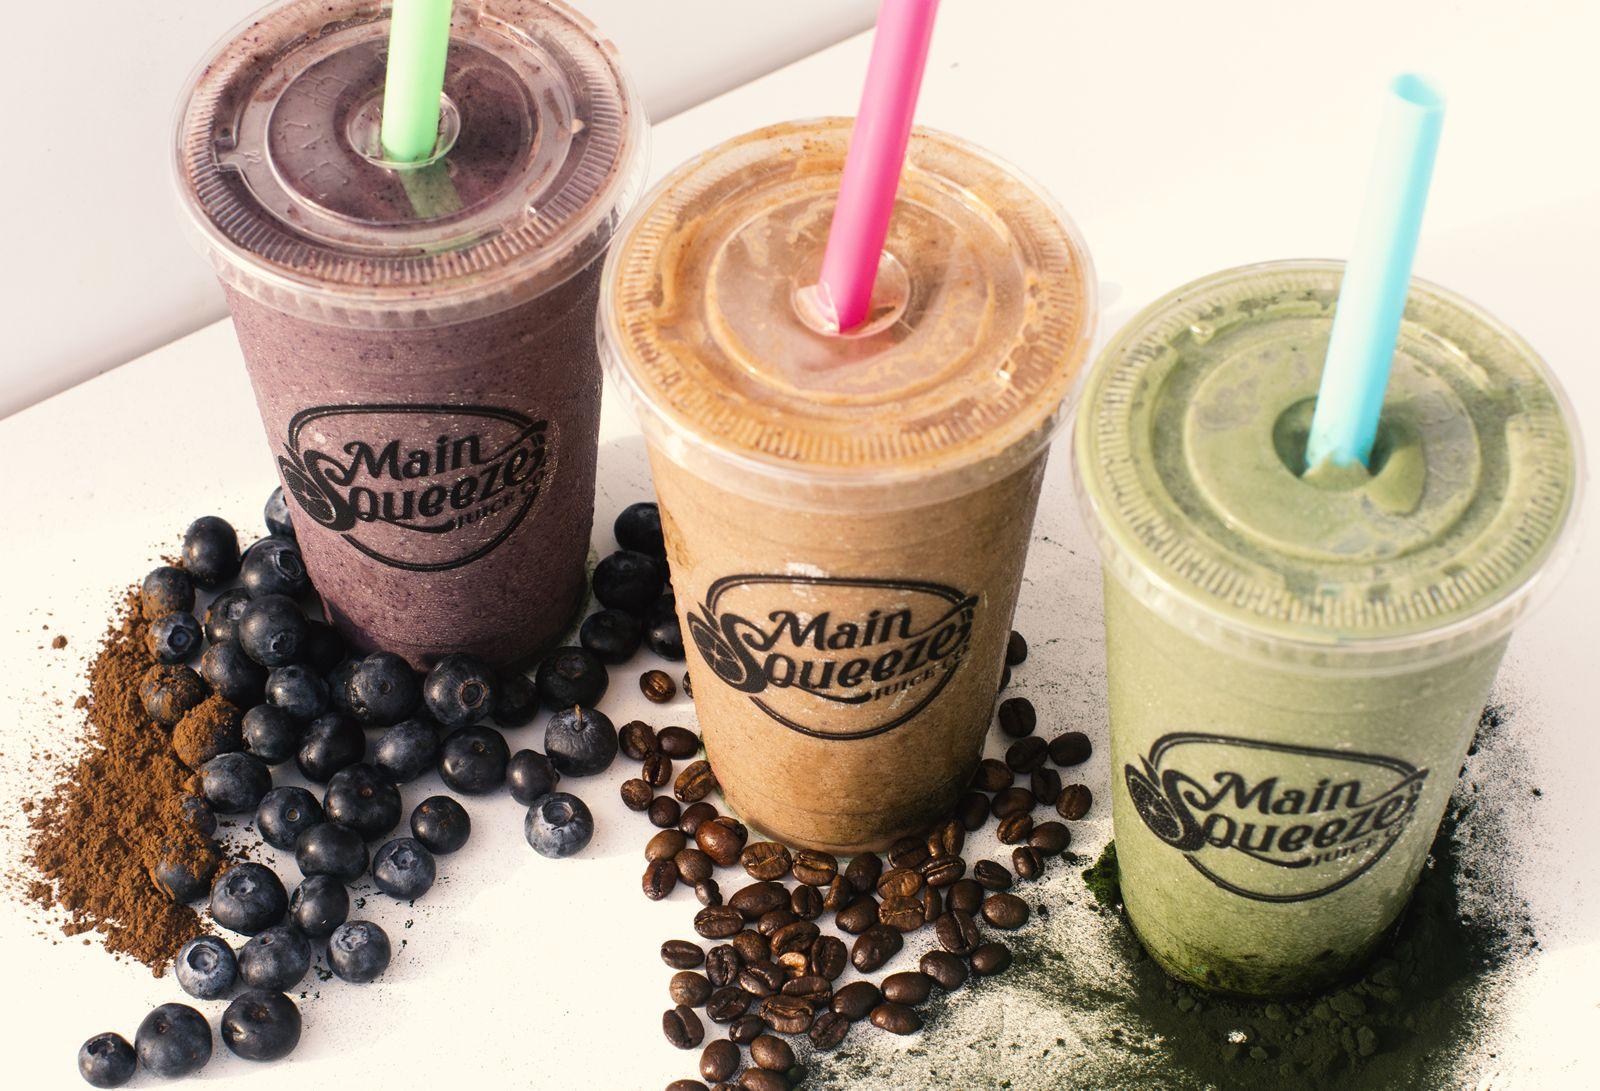 Main Squeeze Juice Co. annonce son expansion dans DFW